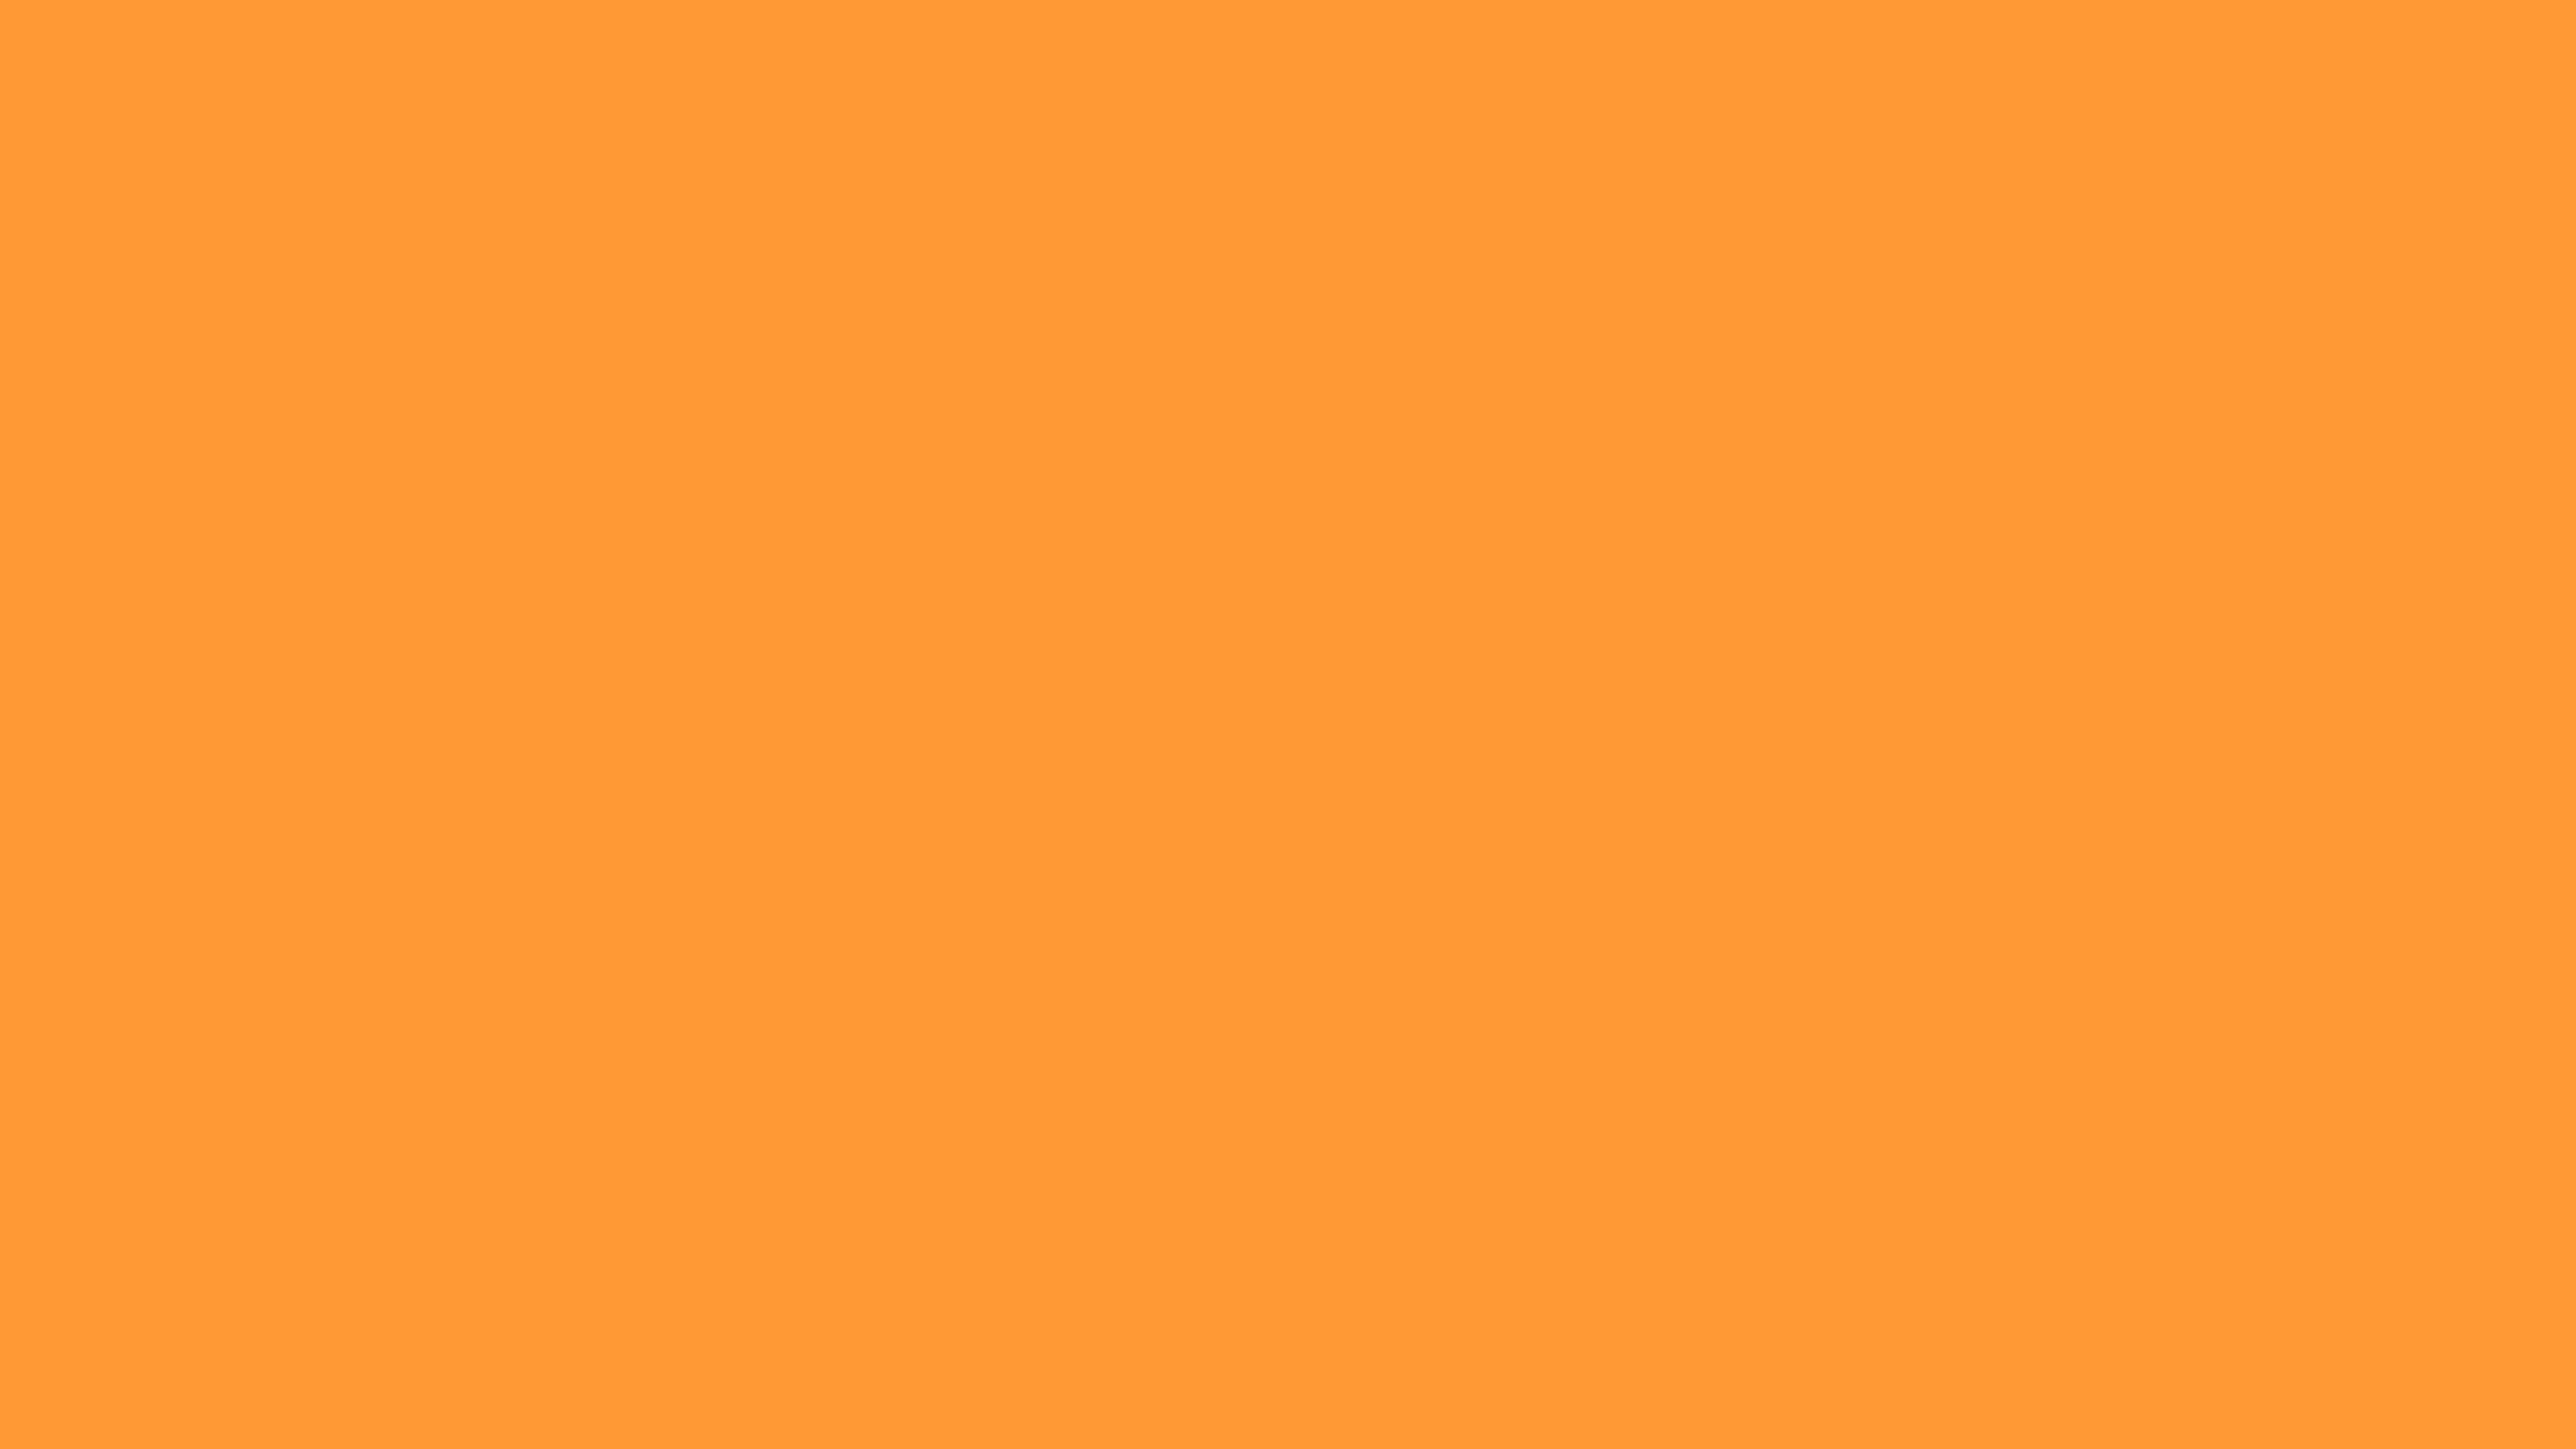 4096x2304 Deep Saffron Solid Color Background